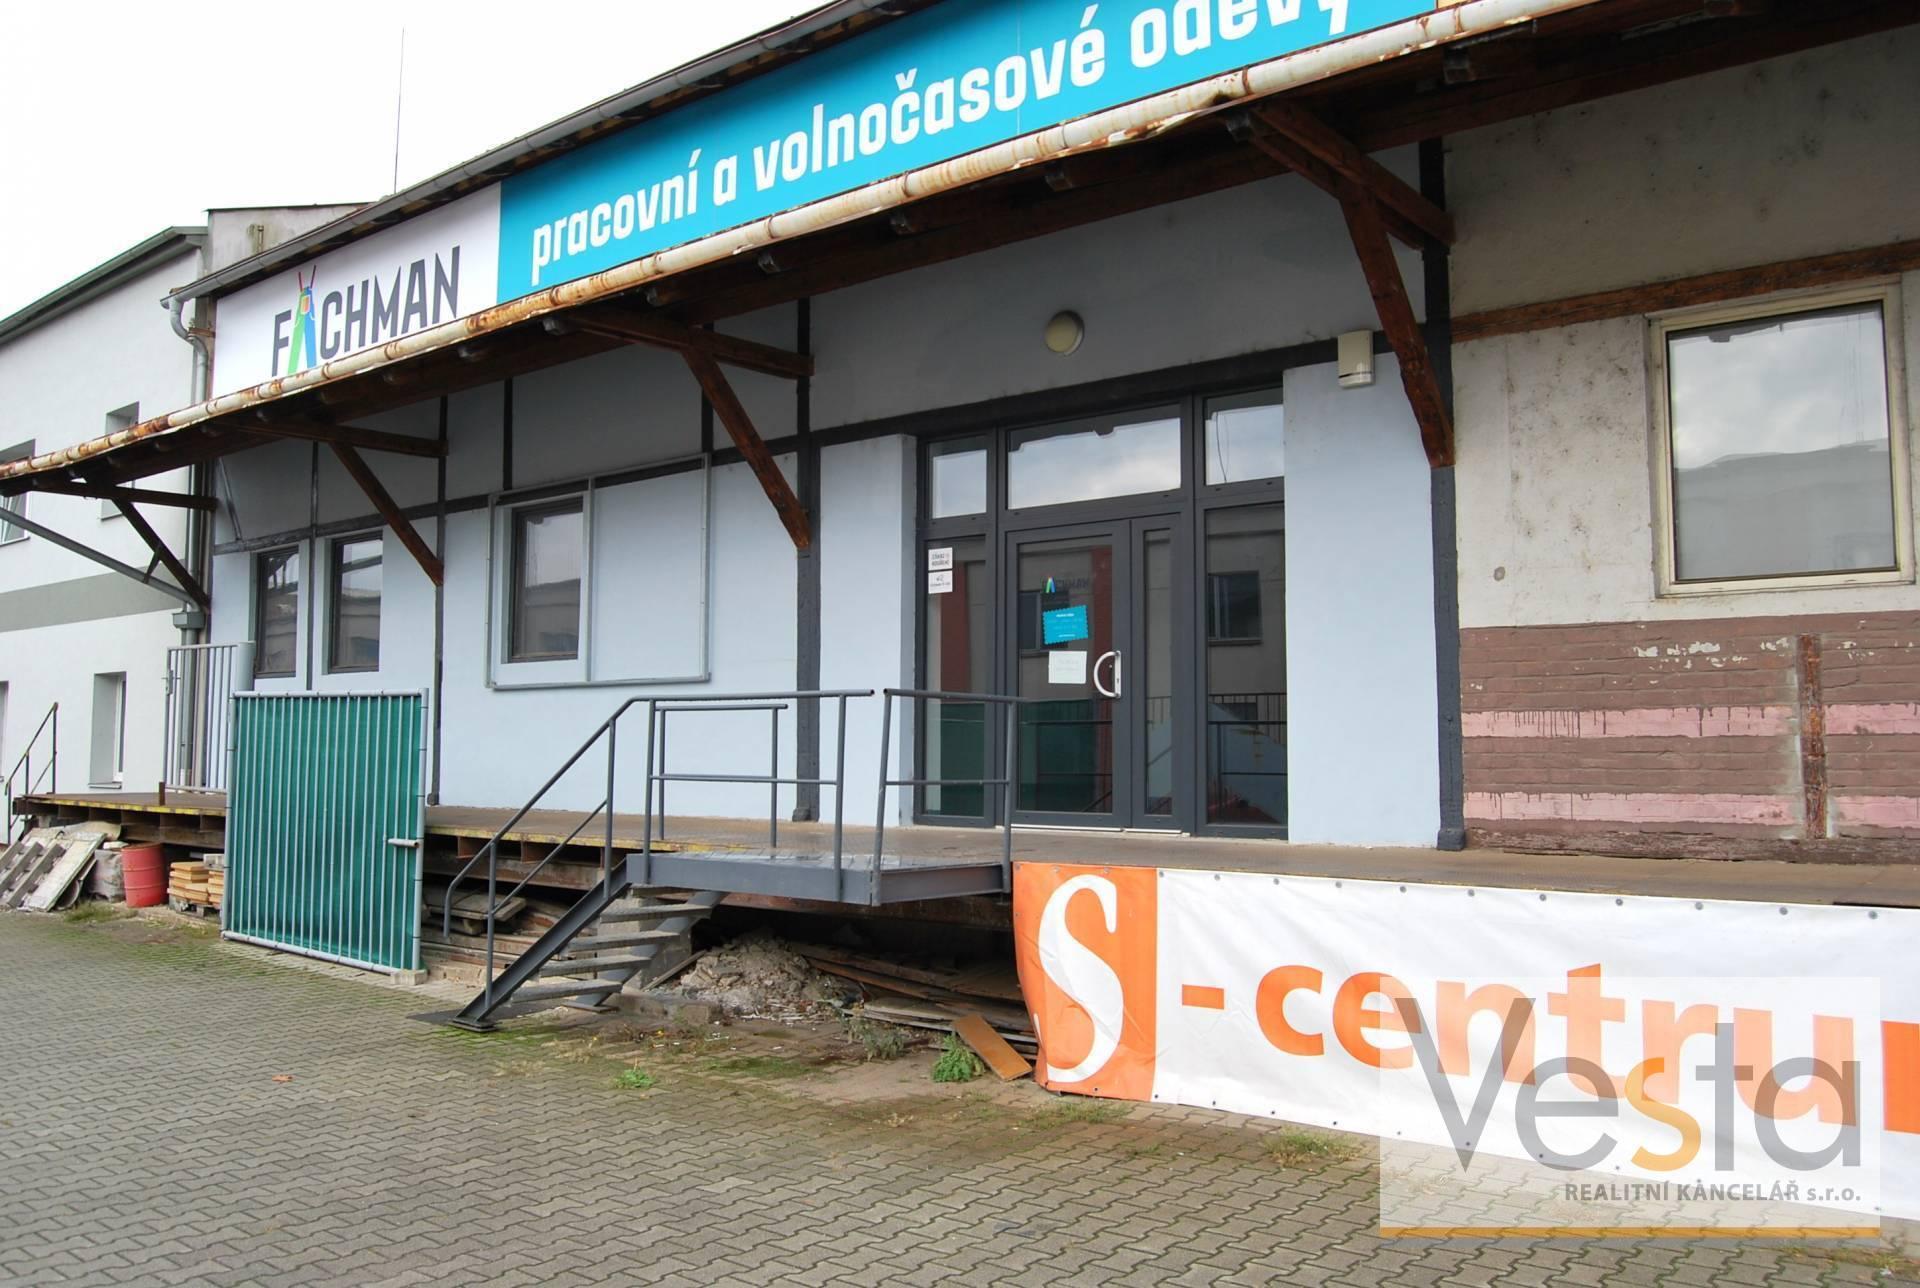 Pronájem prodejny v areálu S-centra Děčín, 173 m2